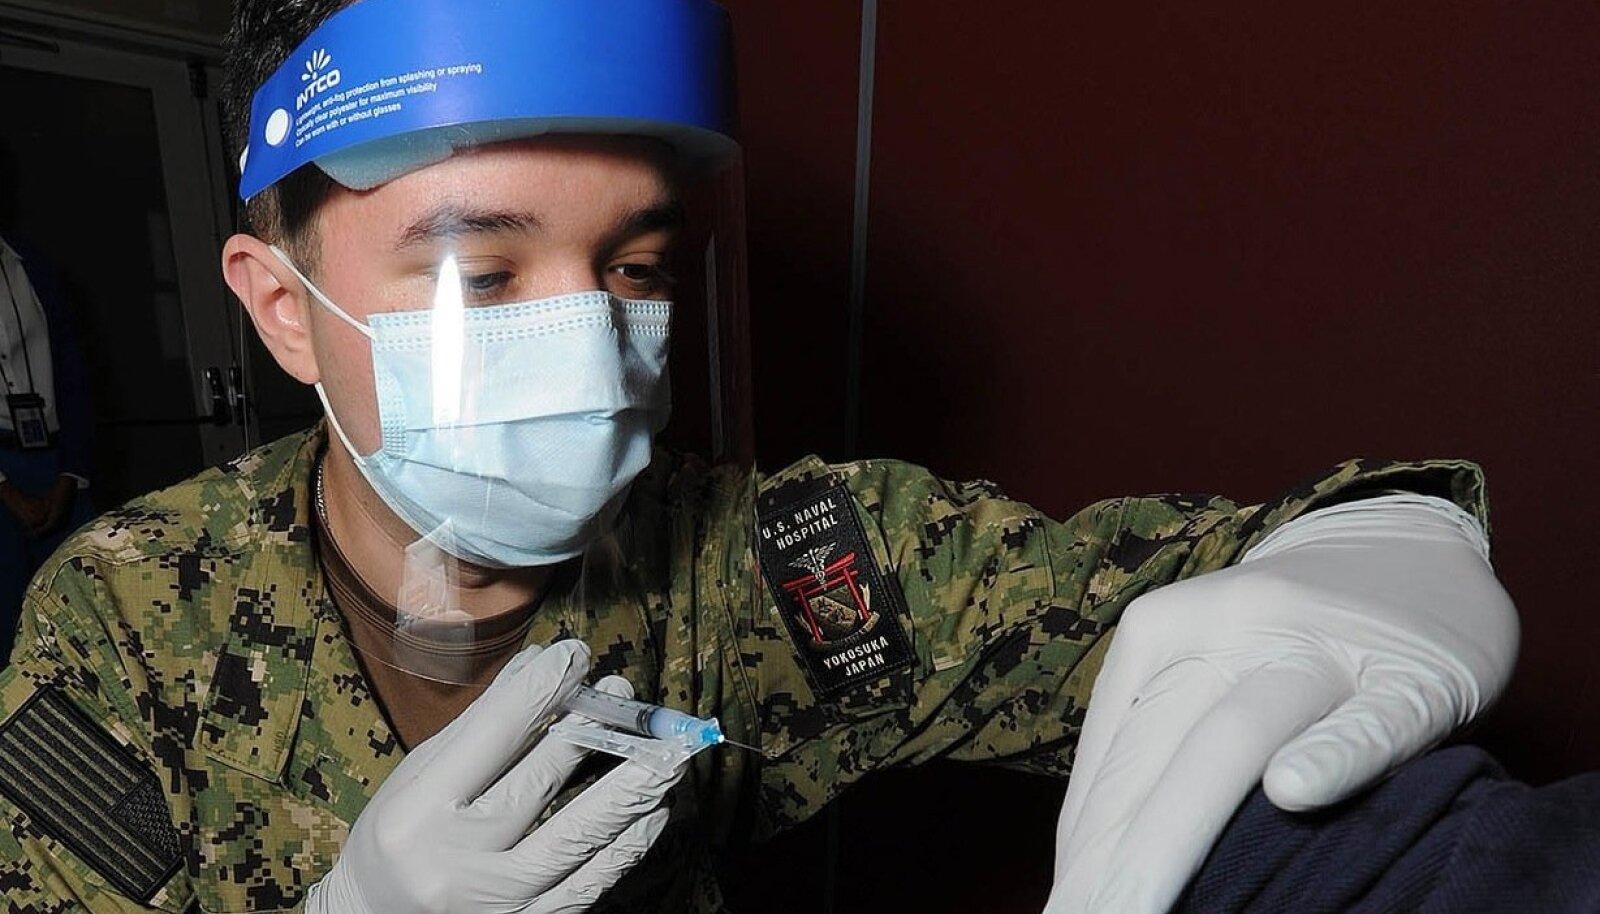 Moderna vaktsiini manustamine Atsugis, Jaapanis